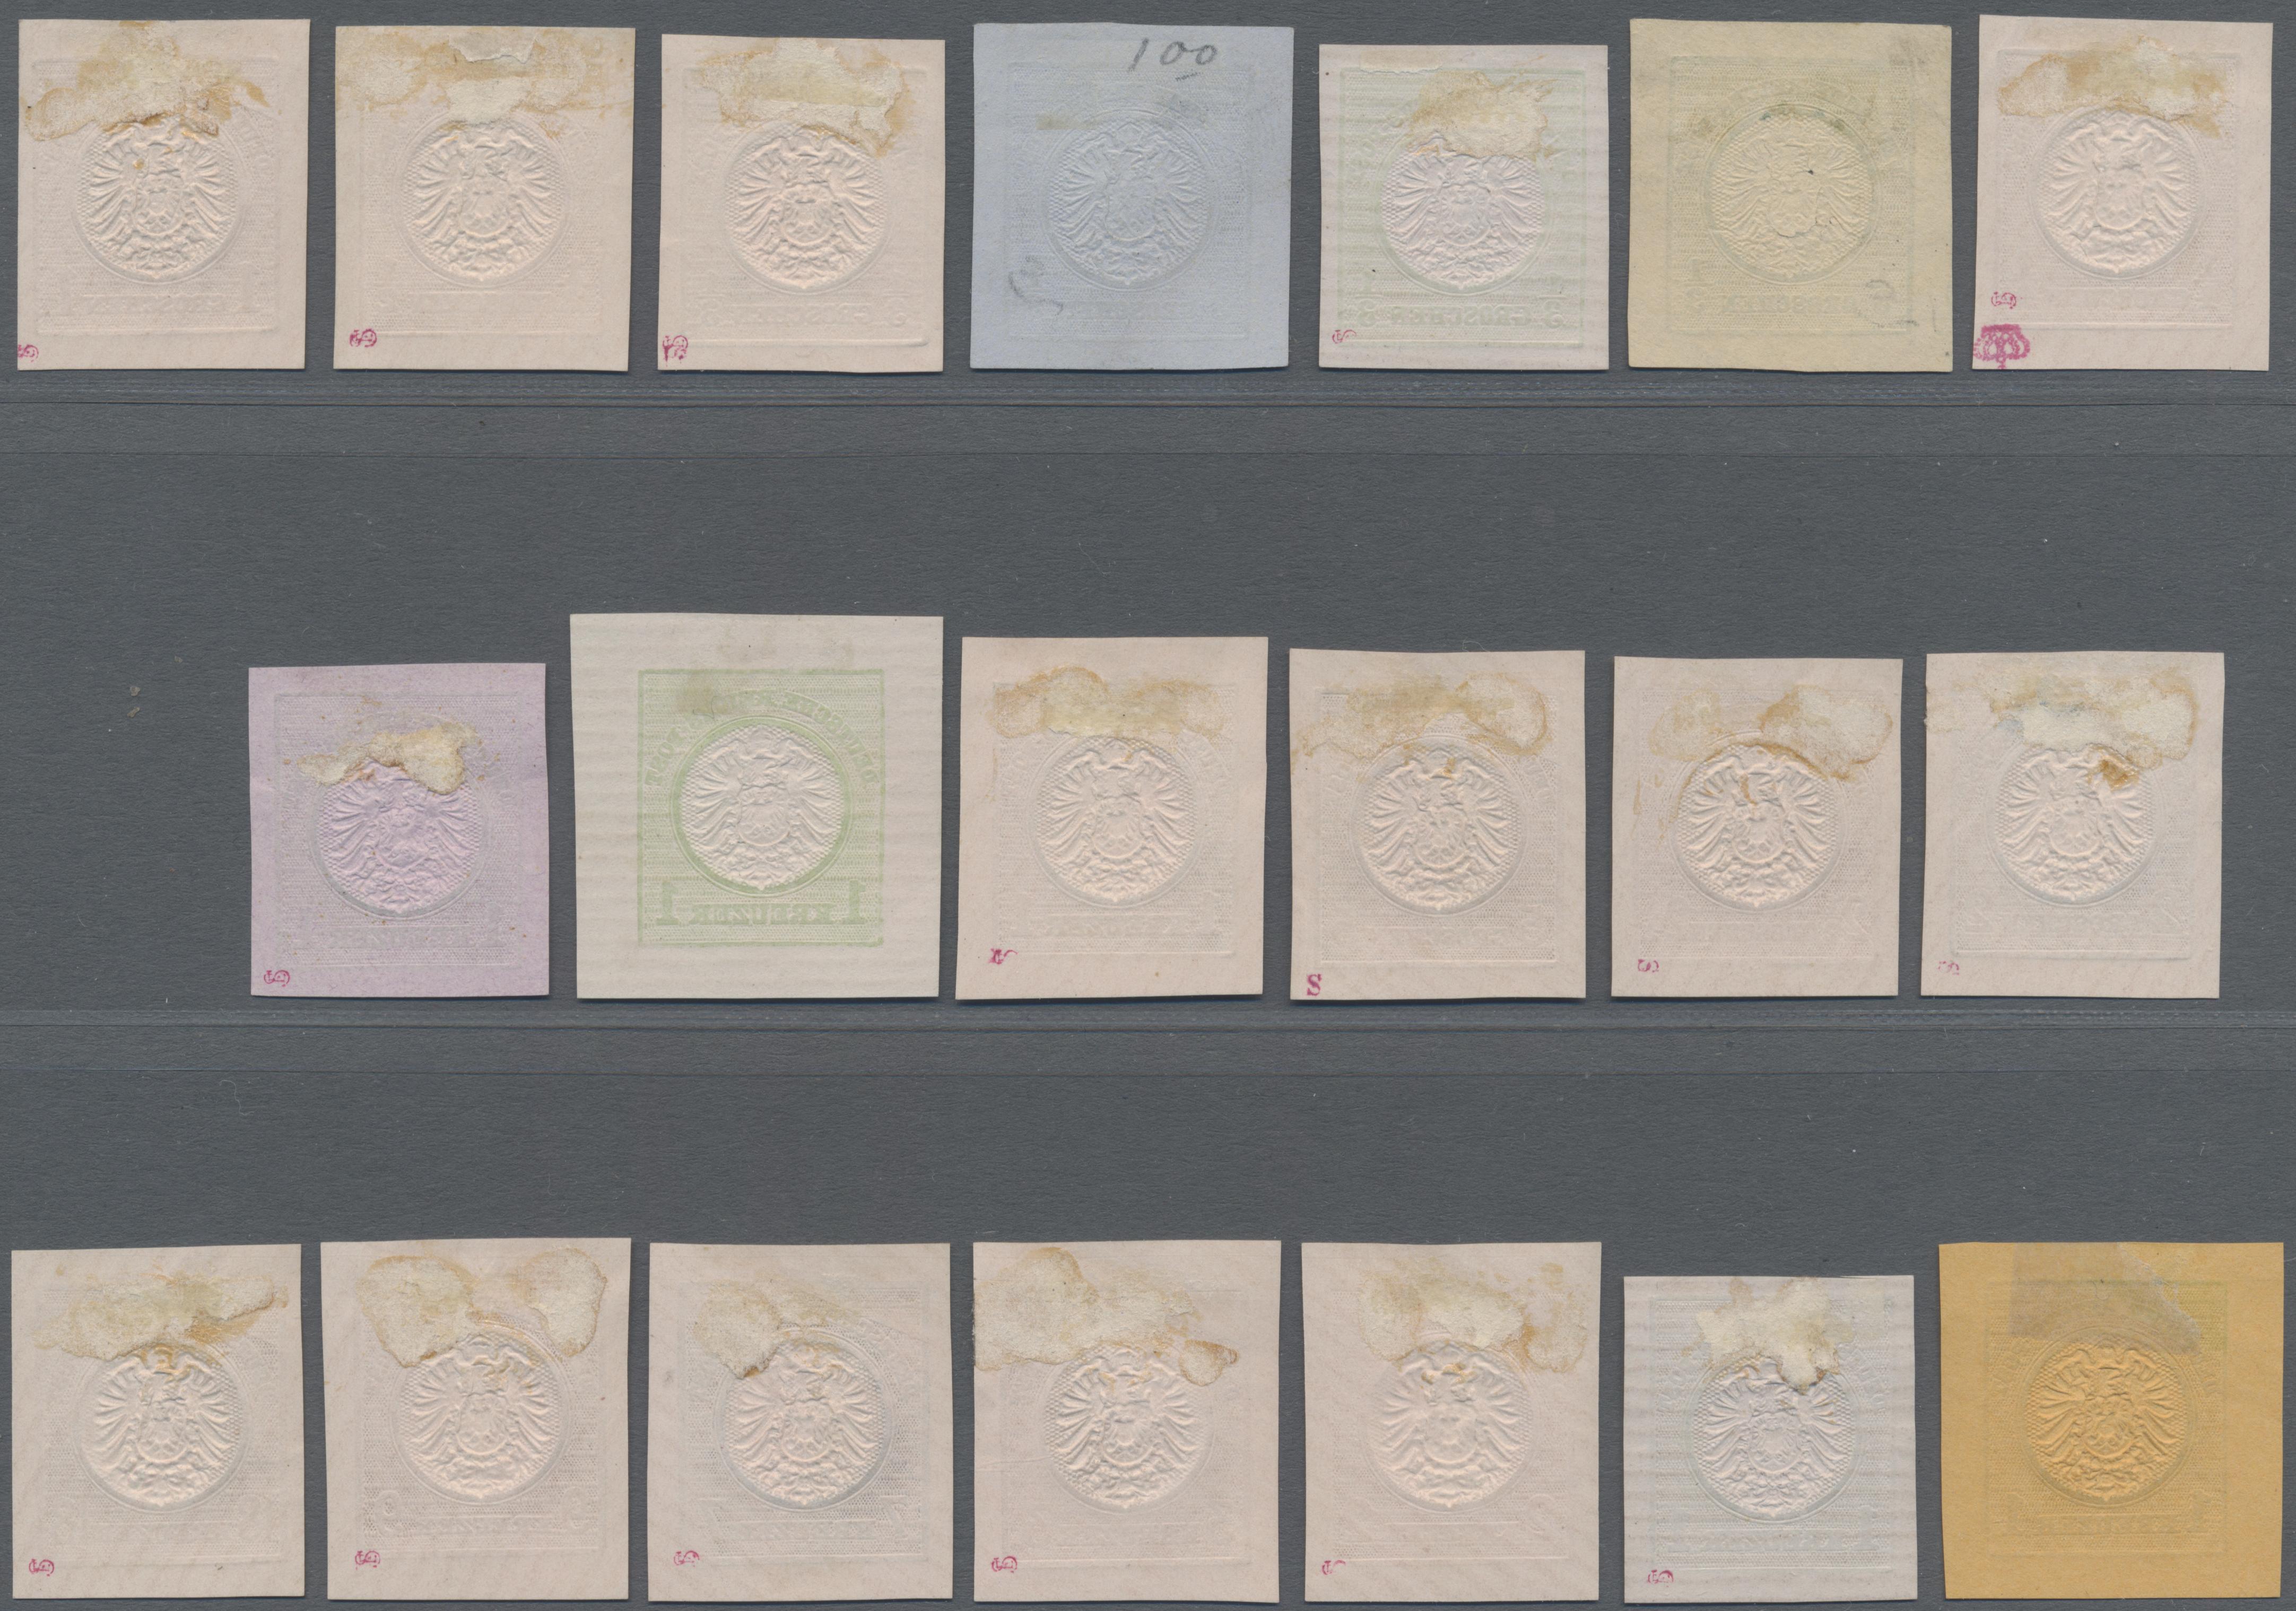 Lot 11711 - Deutsches Reich - Privatganzsachen  -  Auktionshaus Christoph Gärtner GmbH & Co. KG 50th Auction Anniversary Auction - Day 4